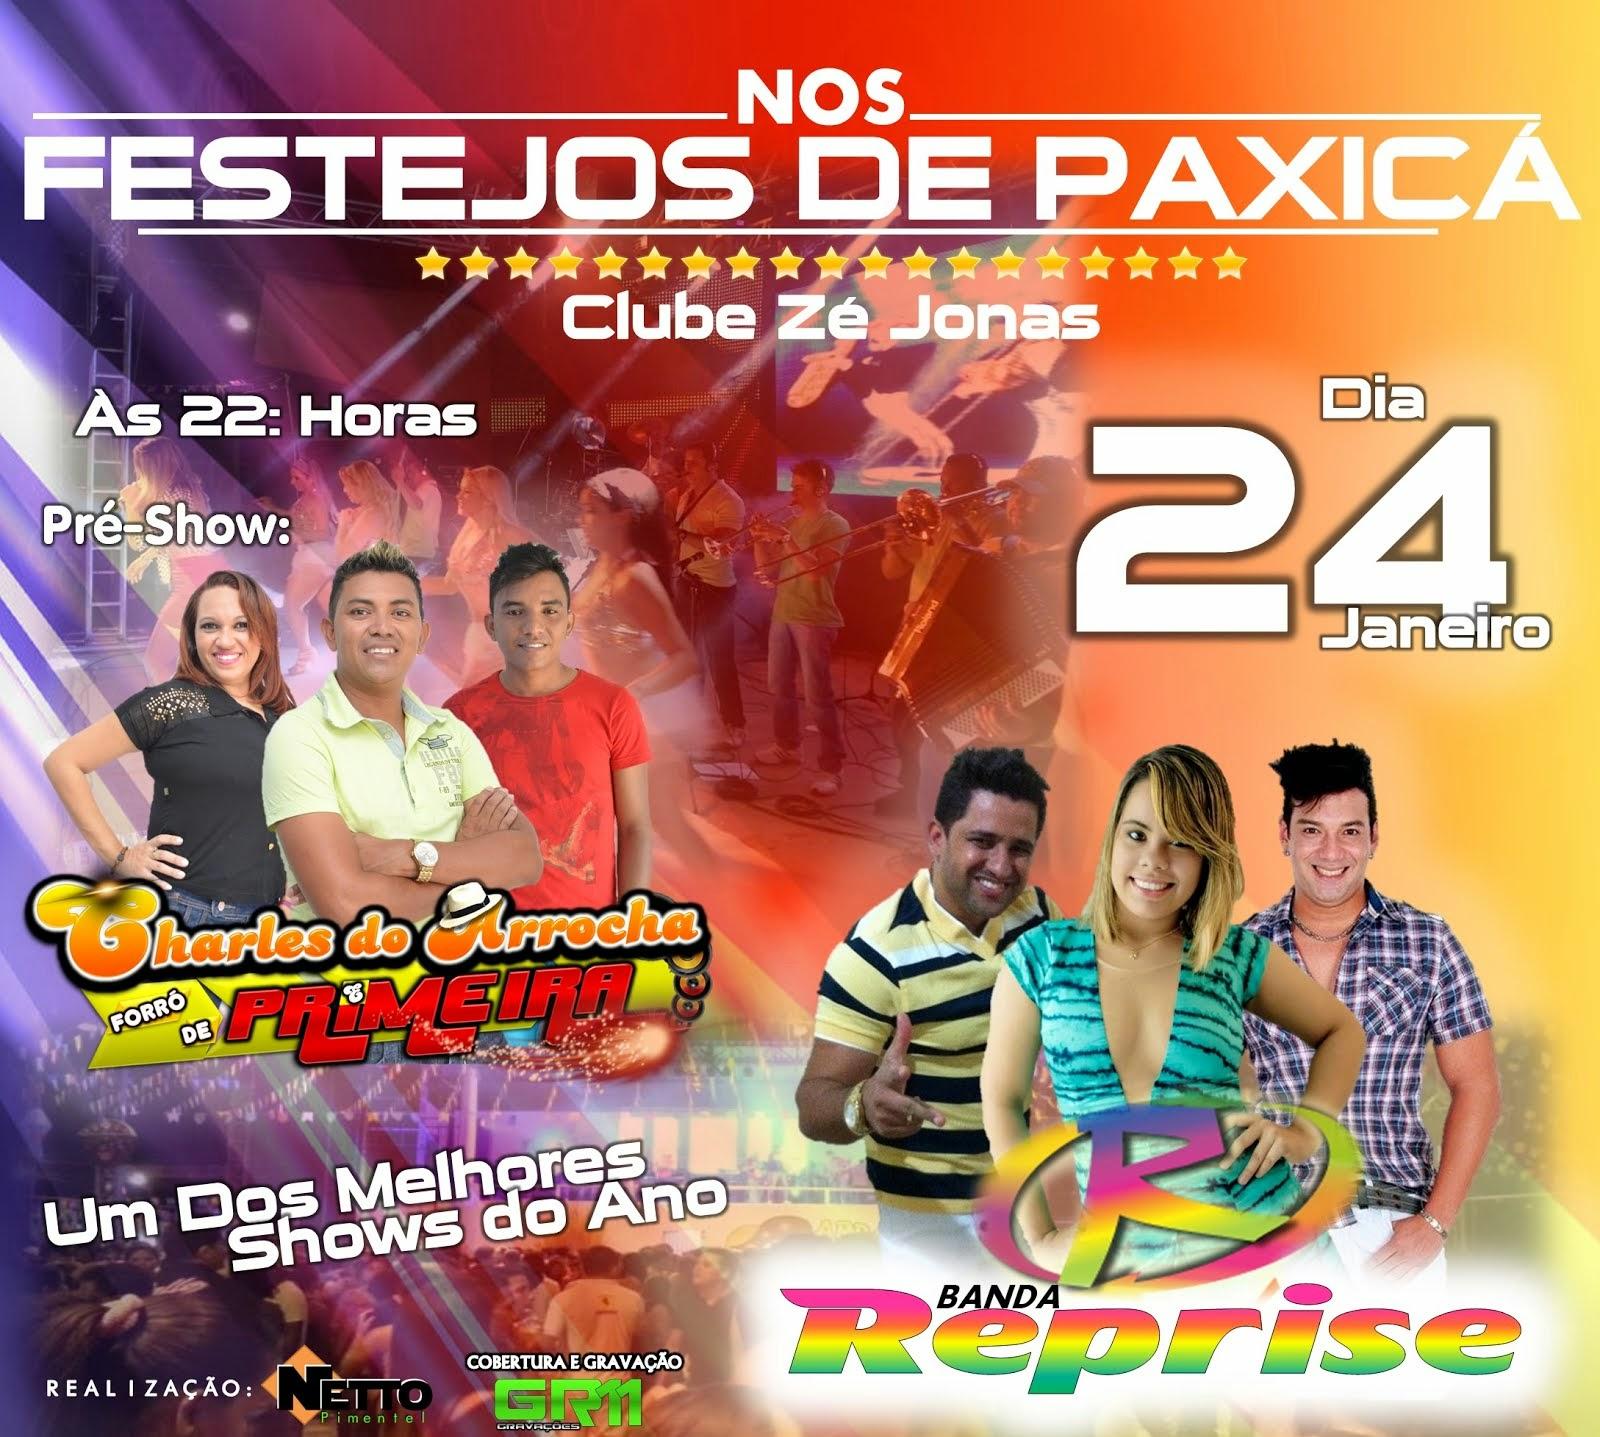 DIA 24 DE JANEIRO!!!